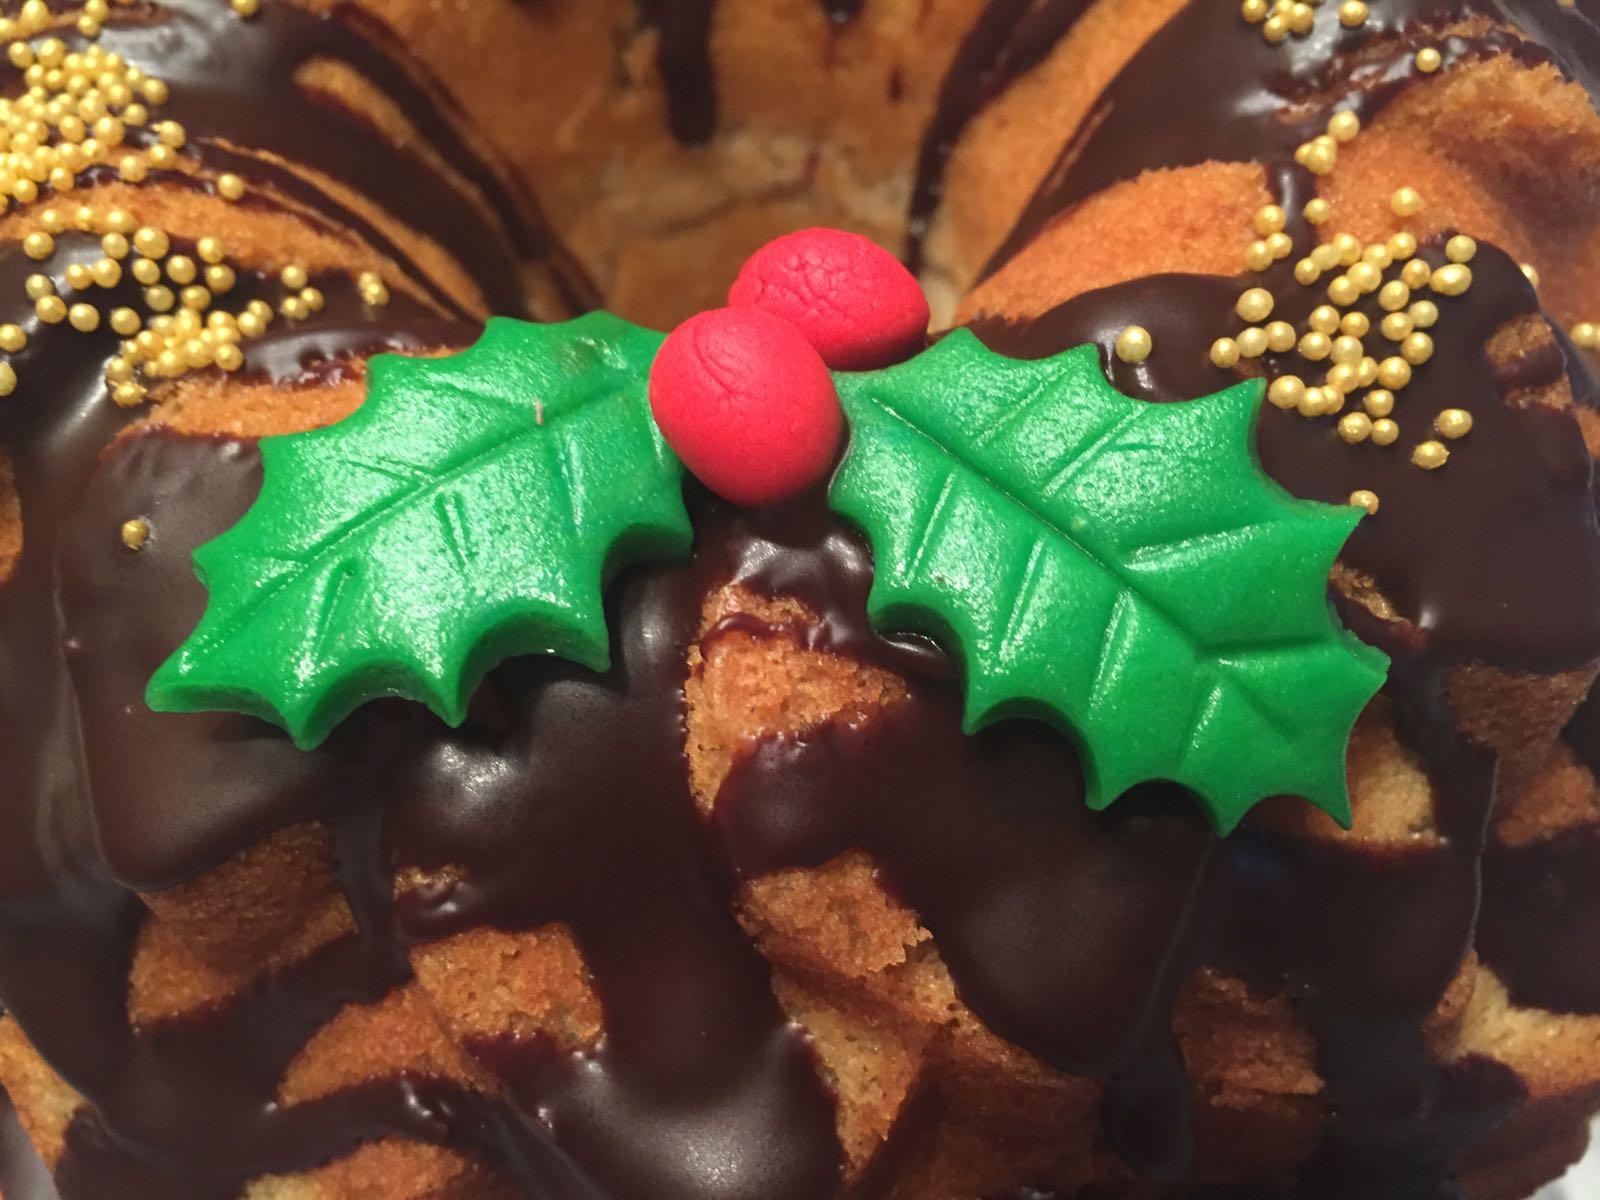 BUNDT CAKE DE NARANJA Y ESPECIAS (Decoración navideña)